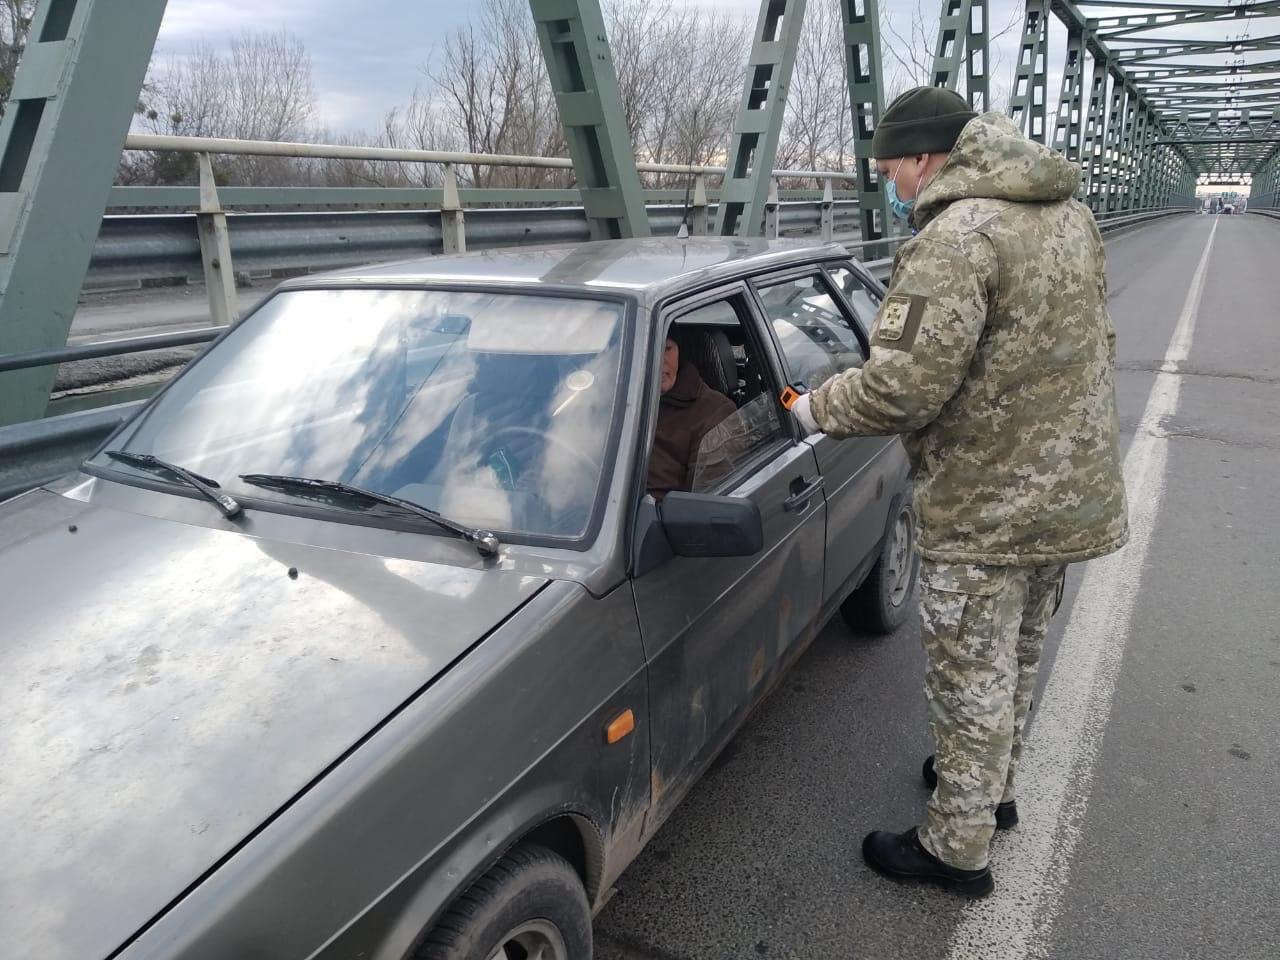 Майже 11 тисяч громадян повернулися в Україну минулої доби -  - photo 2020 04 05 09 46 21